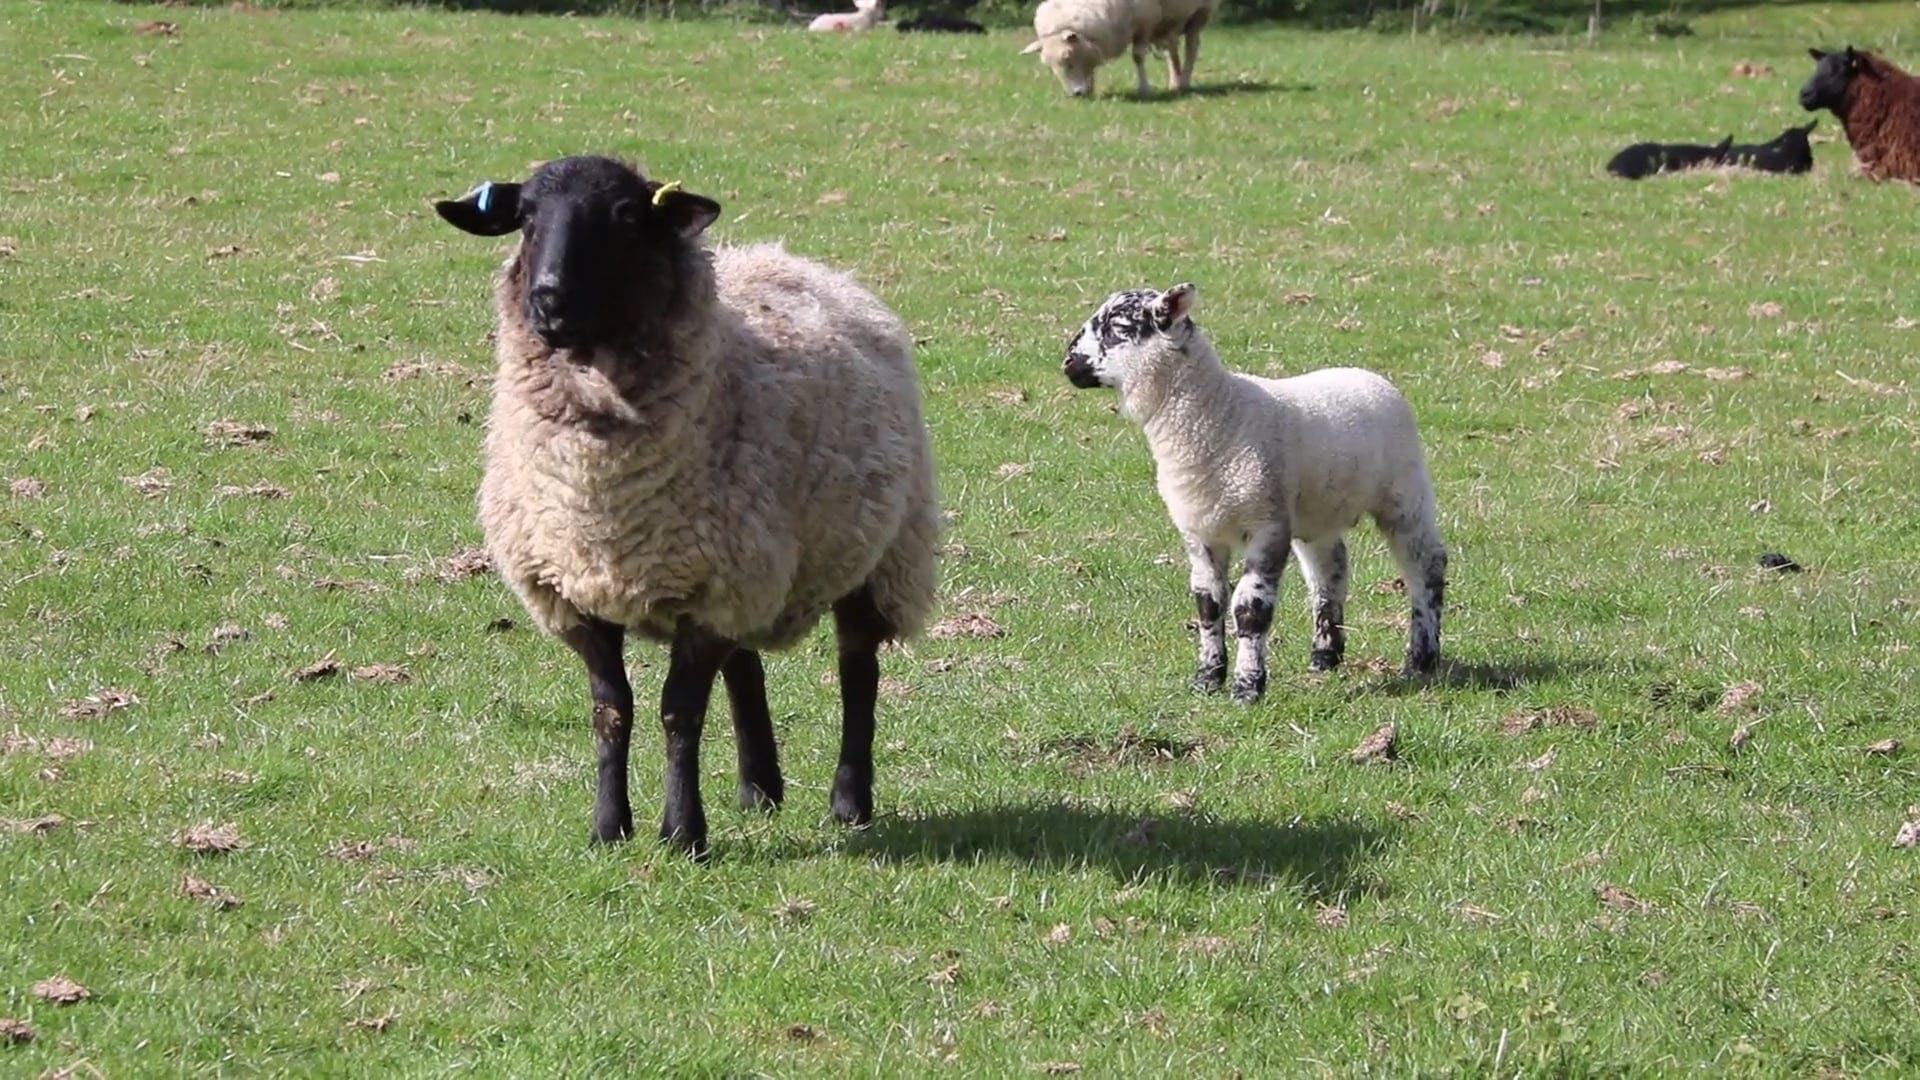 Video Of Sheep Walking